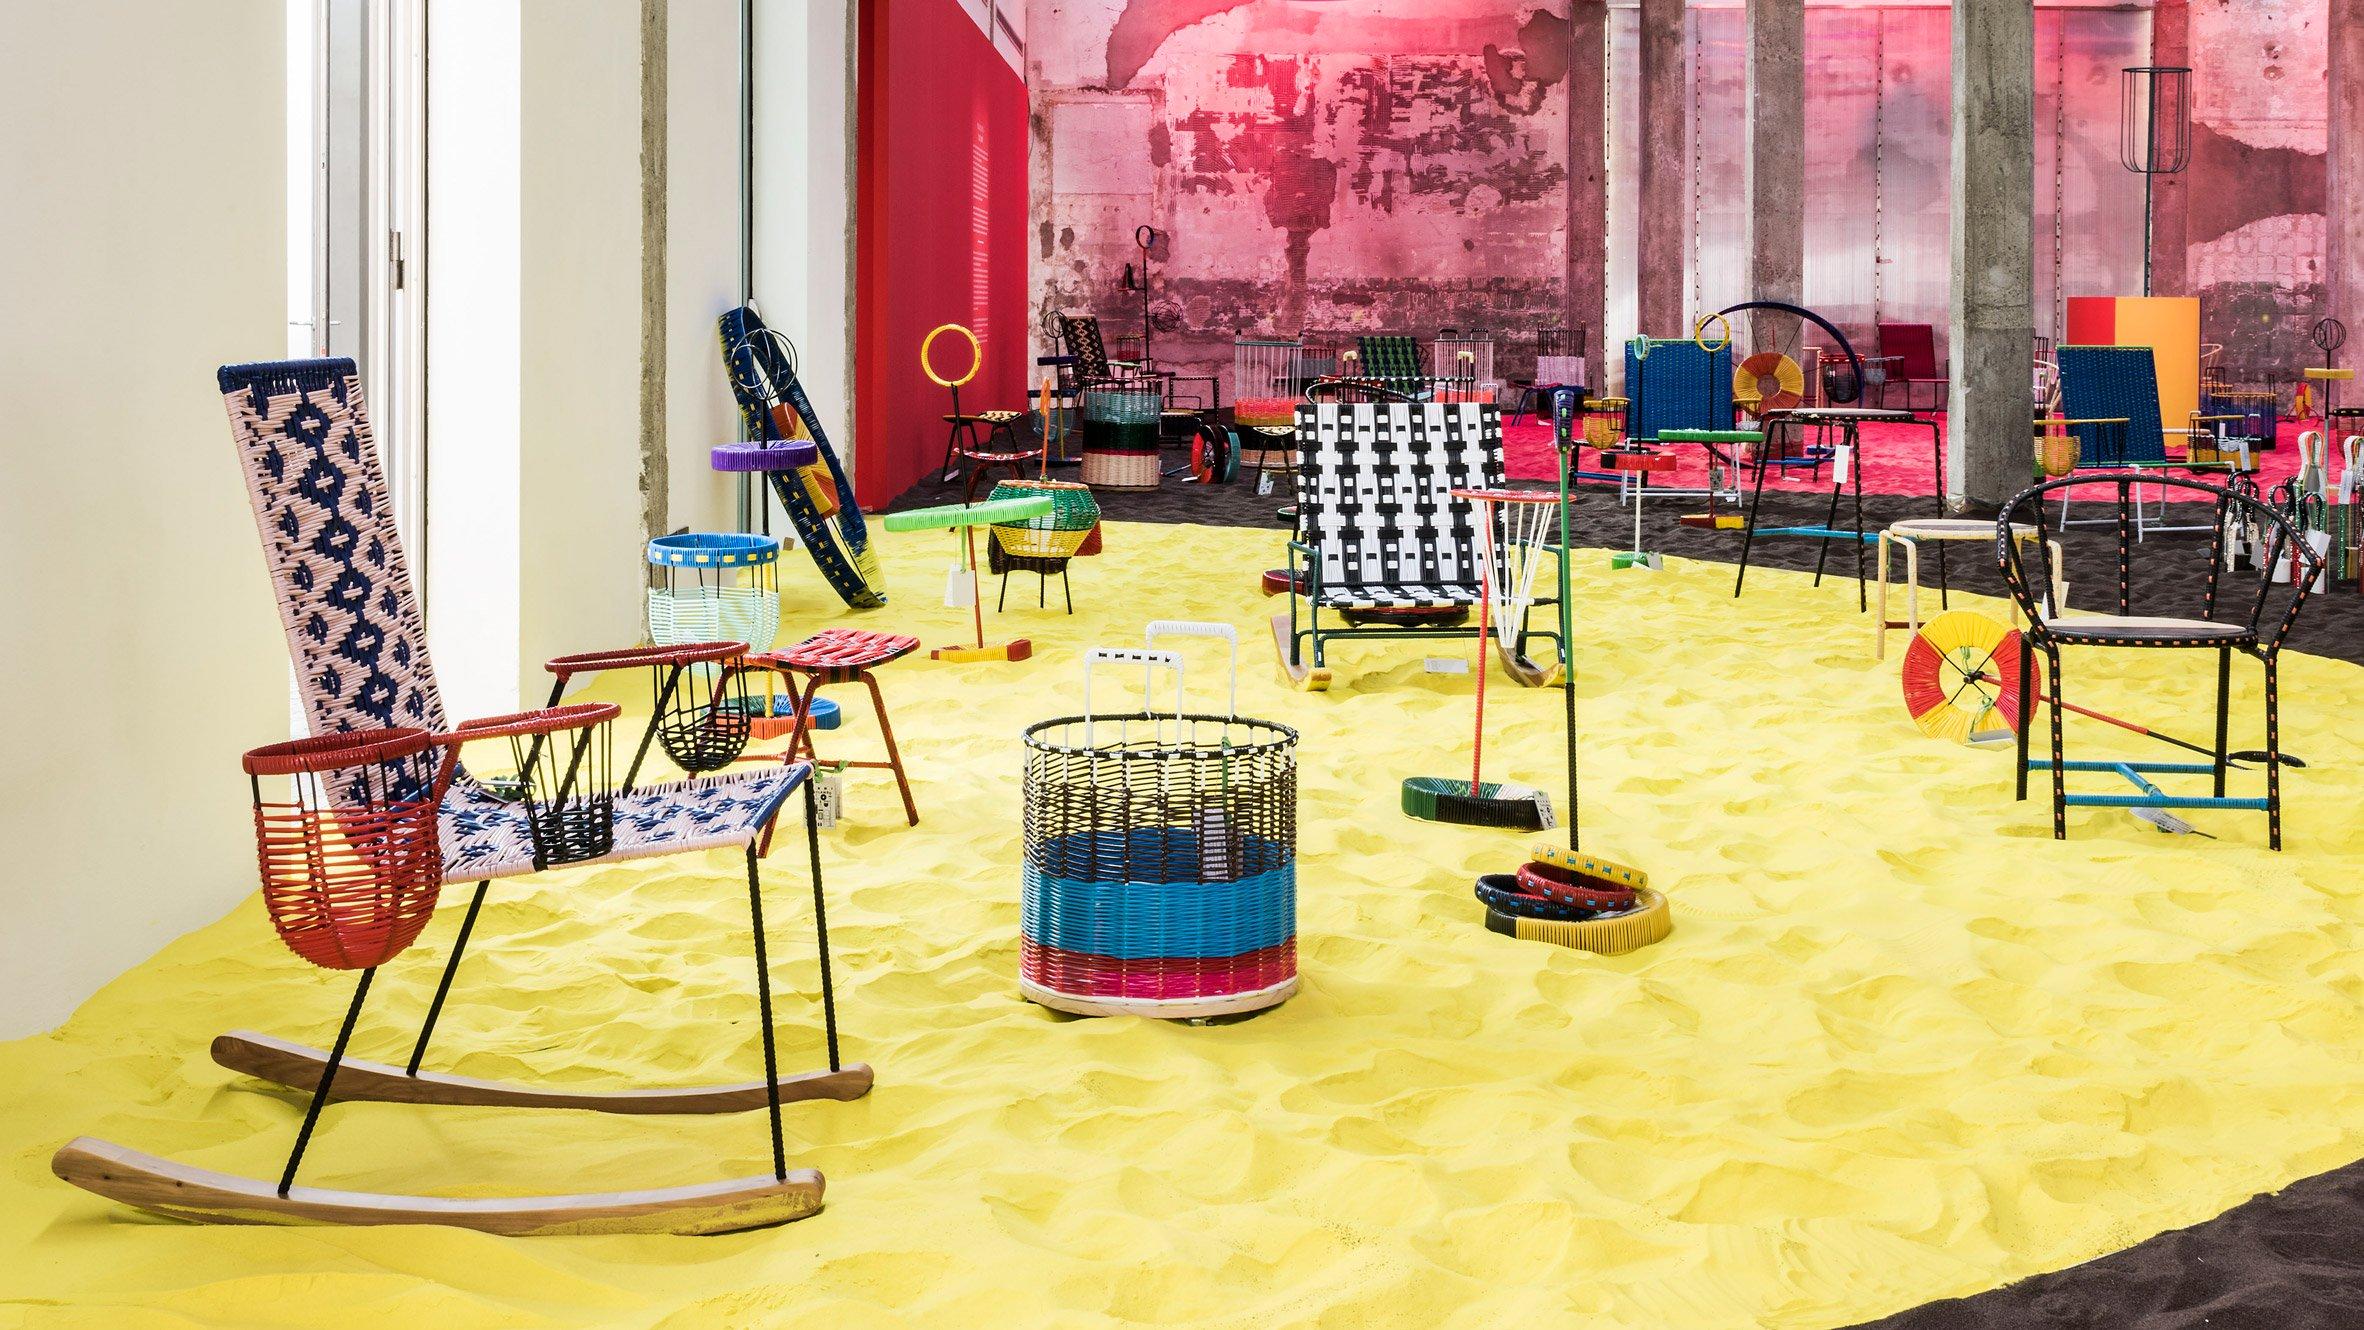 marni-playland-milan-design-week-furniture-toys-weaving-installation-chairs-_dezeen_hero-b